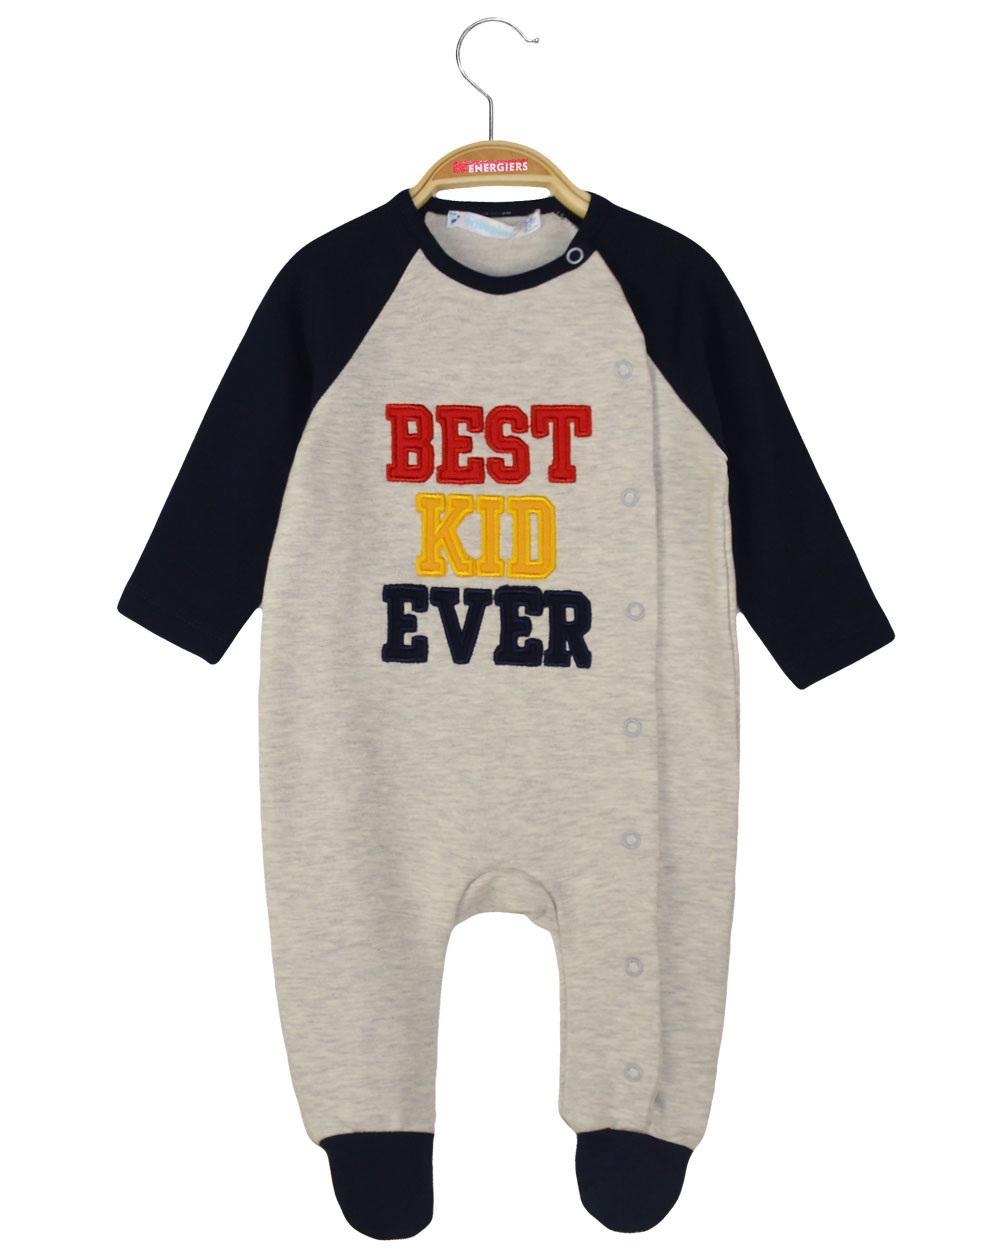 Φορμάκι βαμβακερό φούτερ με κούμπωμα μπροστά και κέντημα ¨Best Kid Ever> 11-120452-9 - ΜΕΛΑΝΖΕ - 18044-42/12/295/430